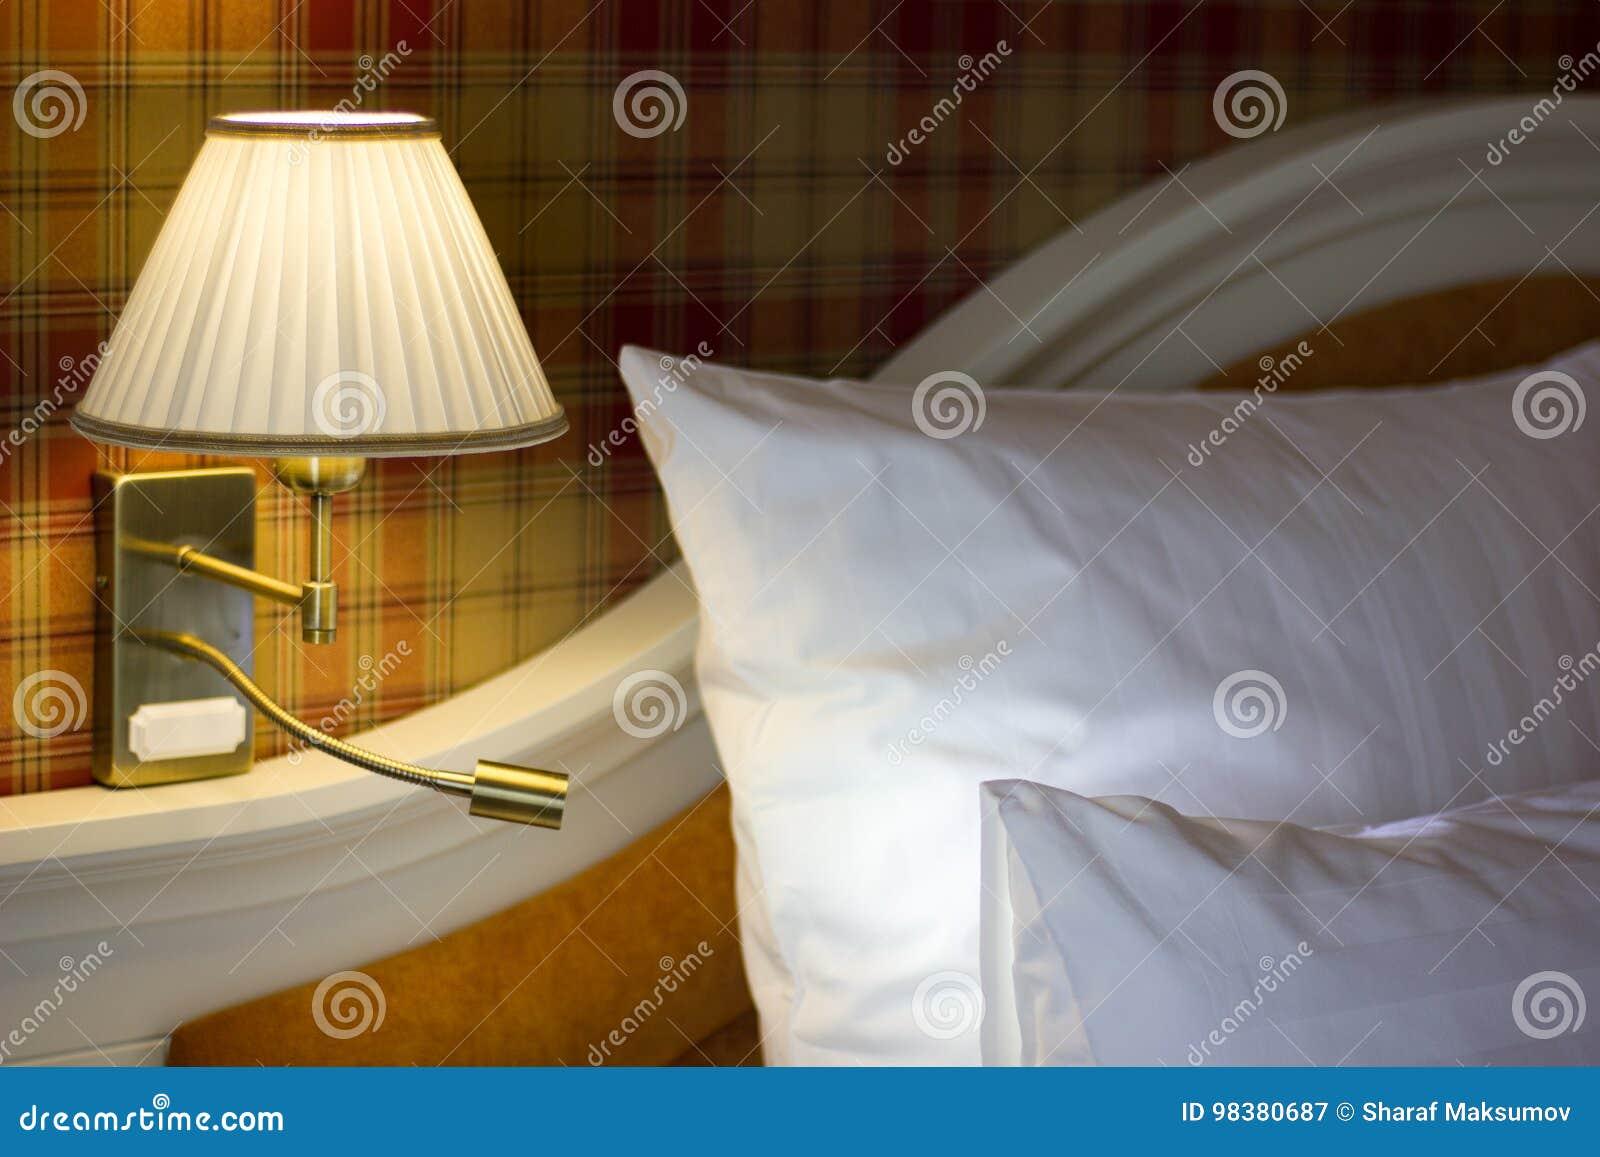 Lampada Da Parete In Camera Da Letto Immagine Stock Immagine Di